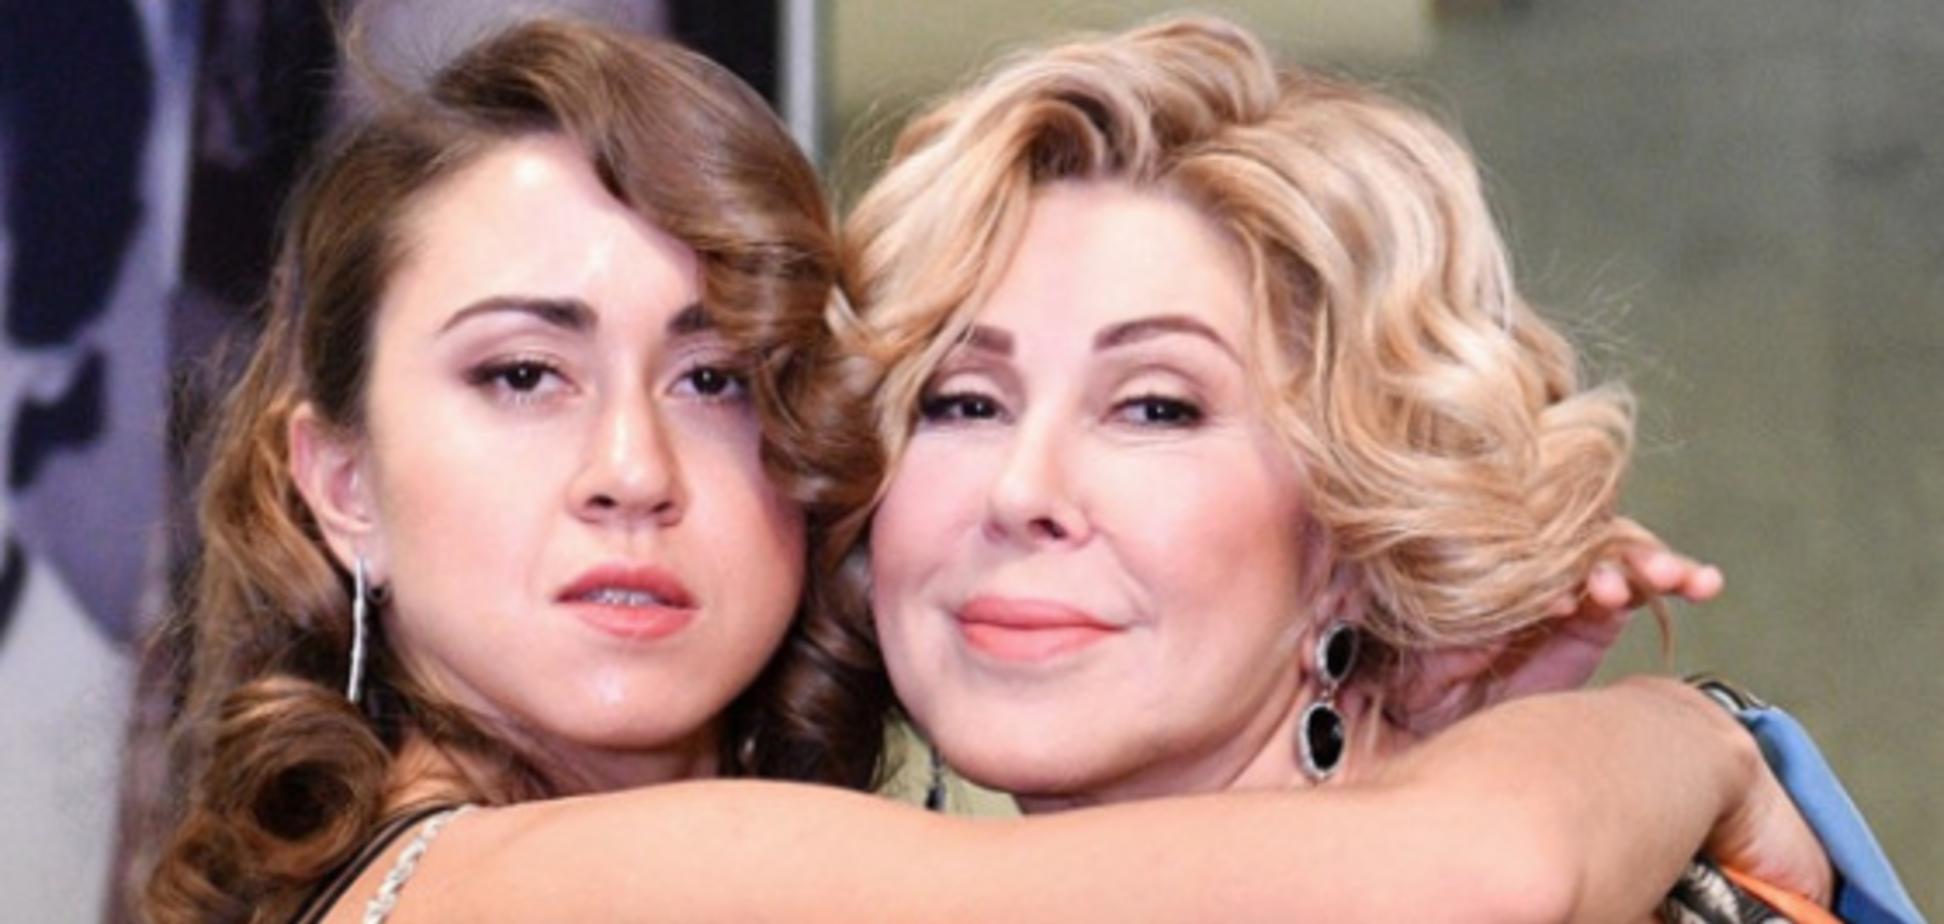 Дочь Успенской поразила сеть волосатыми подмышками